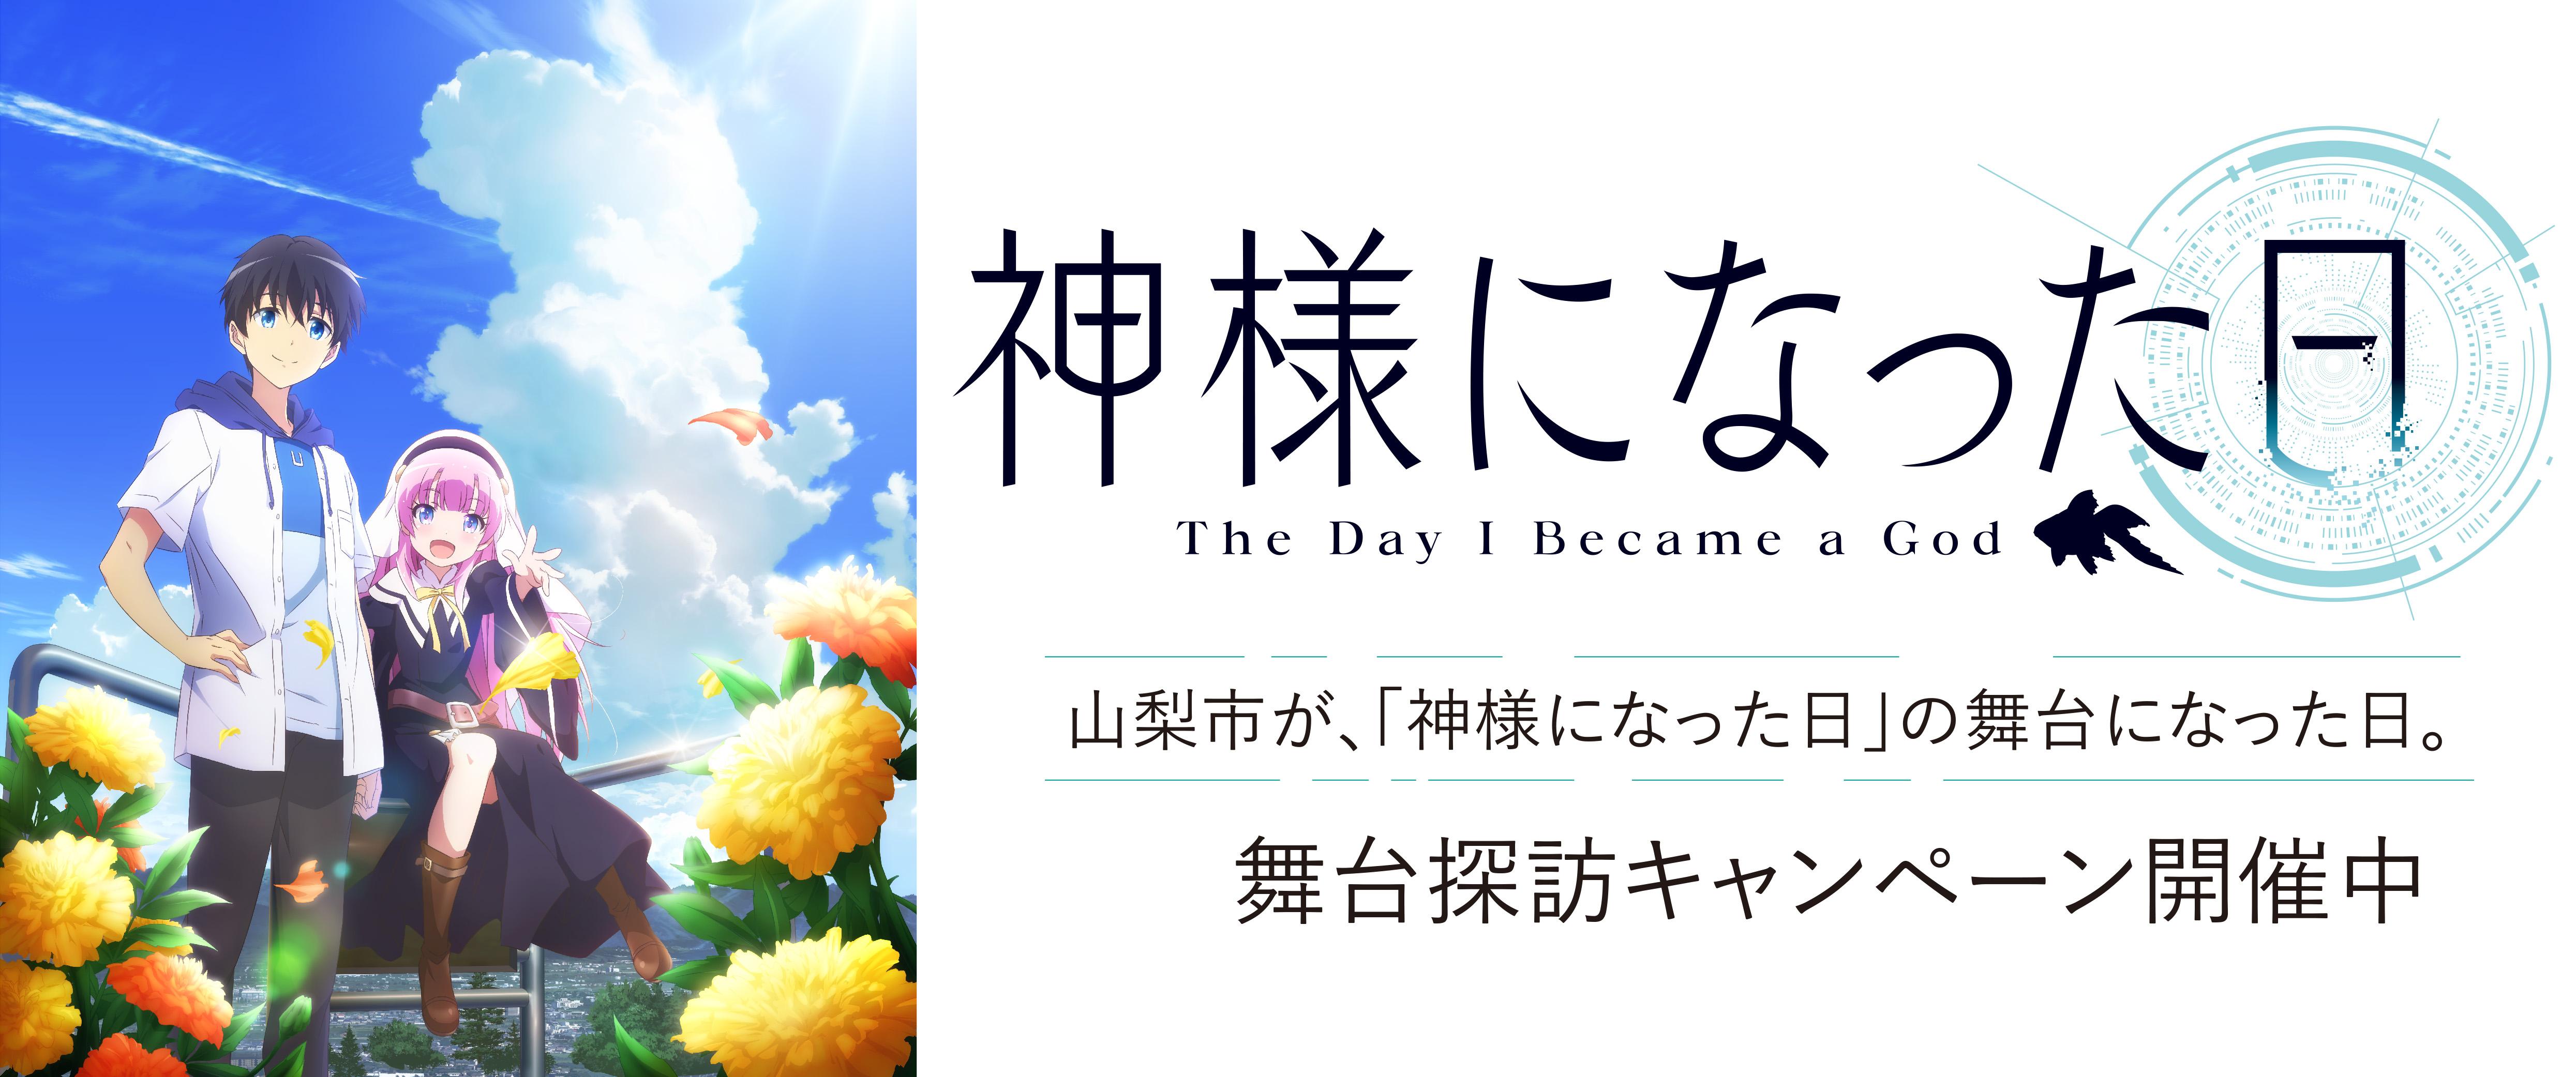 神様になった日キャンペーン